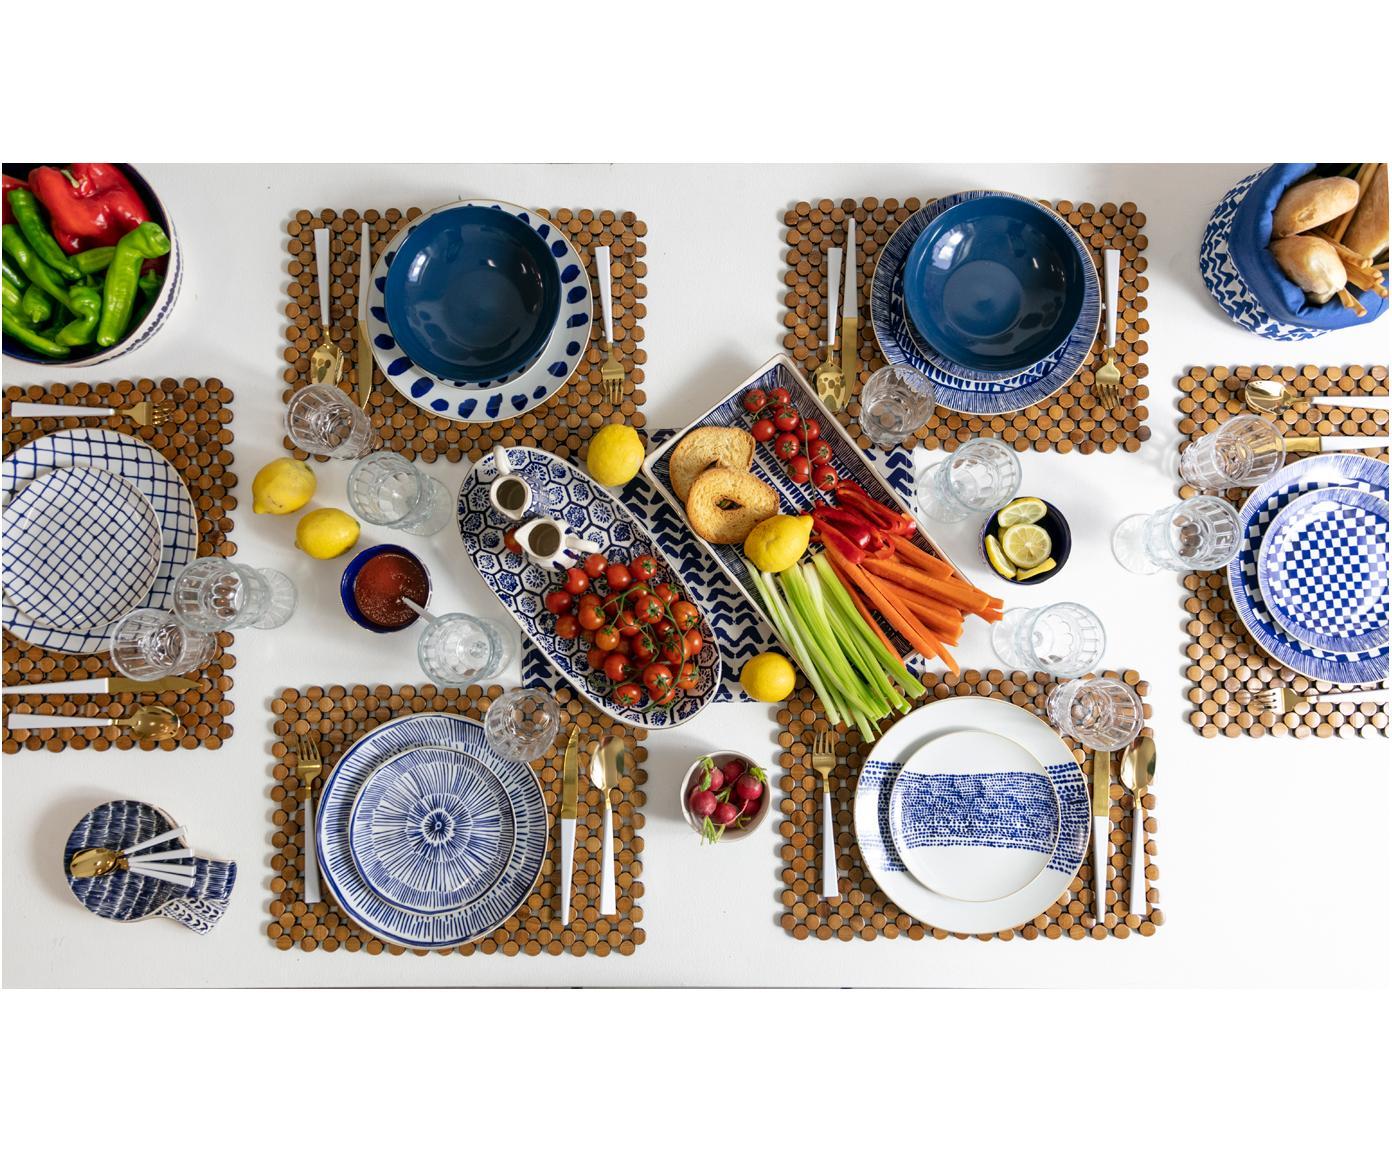 Komplet naczyń  Masai, 18 elem., Biały, niebieski, ciemnyniebieski Krawędź: złoty, Różne rozmiary